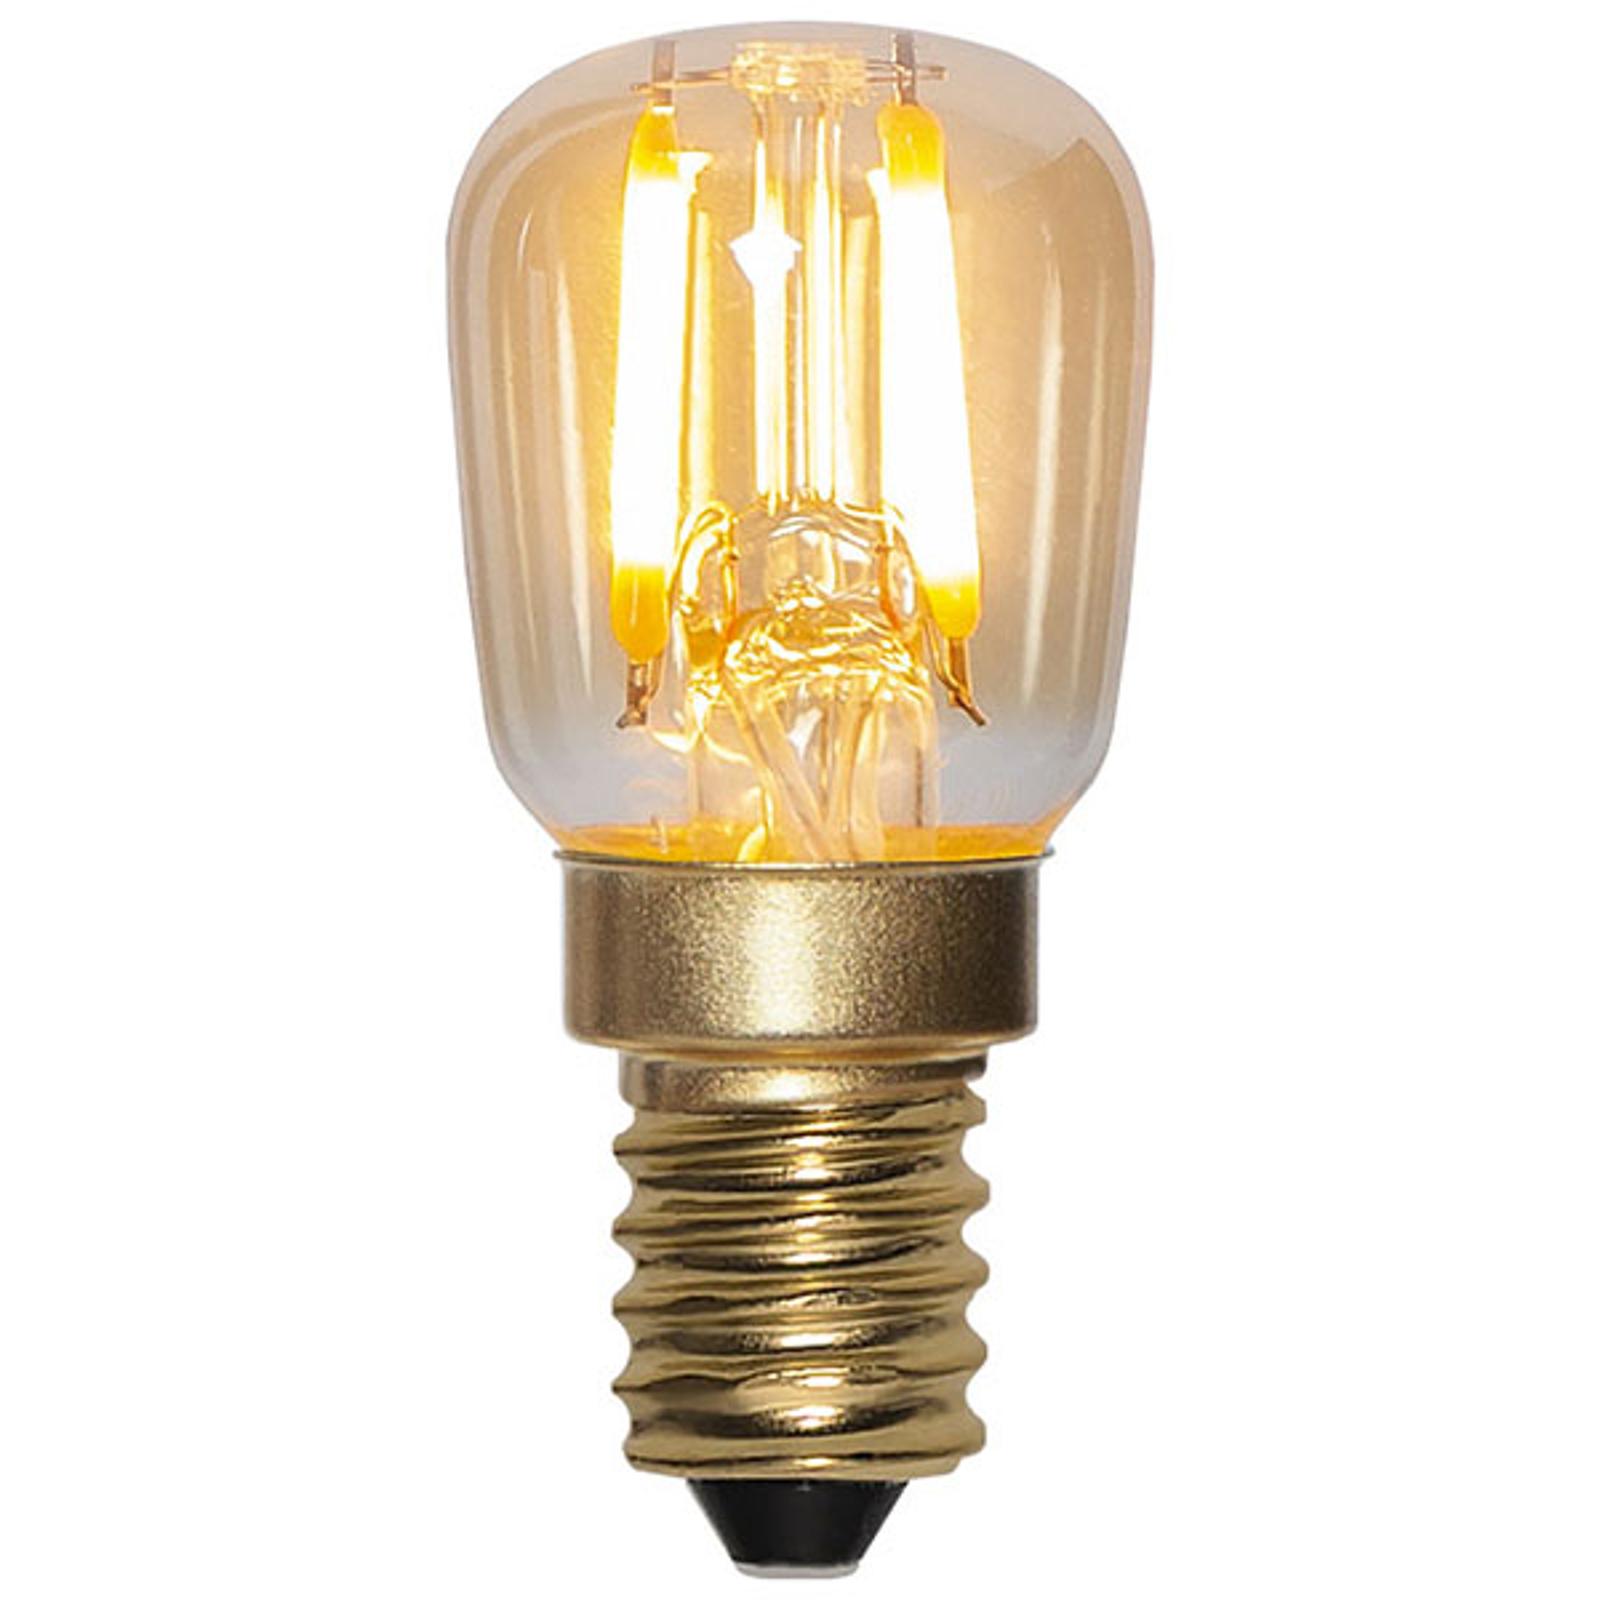 Ampoule LED E14 0,5W 30lm blanc chaud 2000K ambre